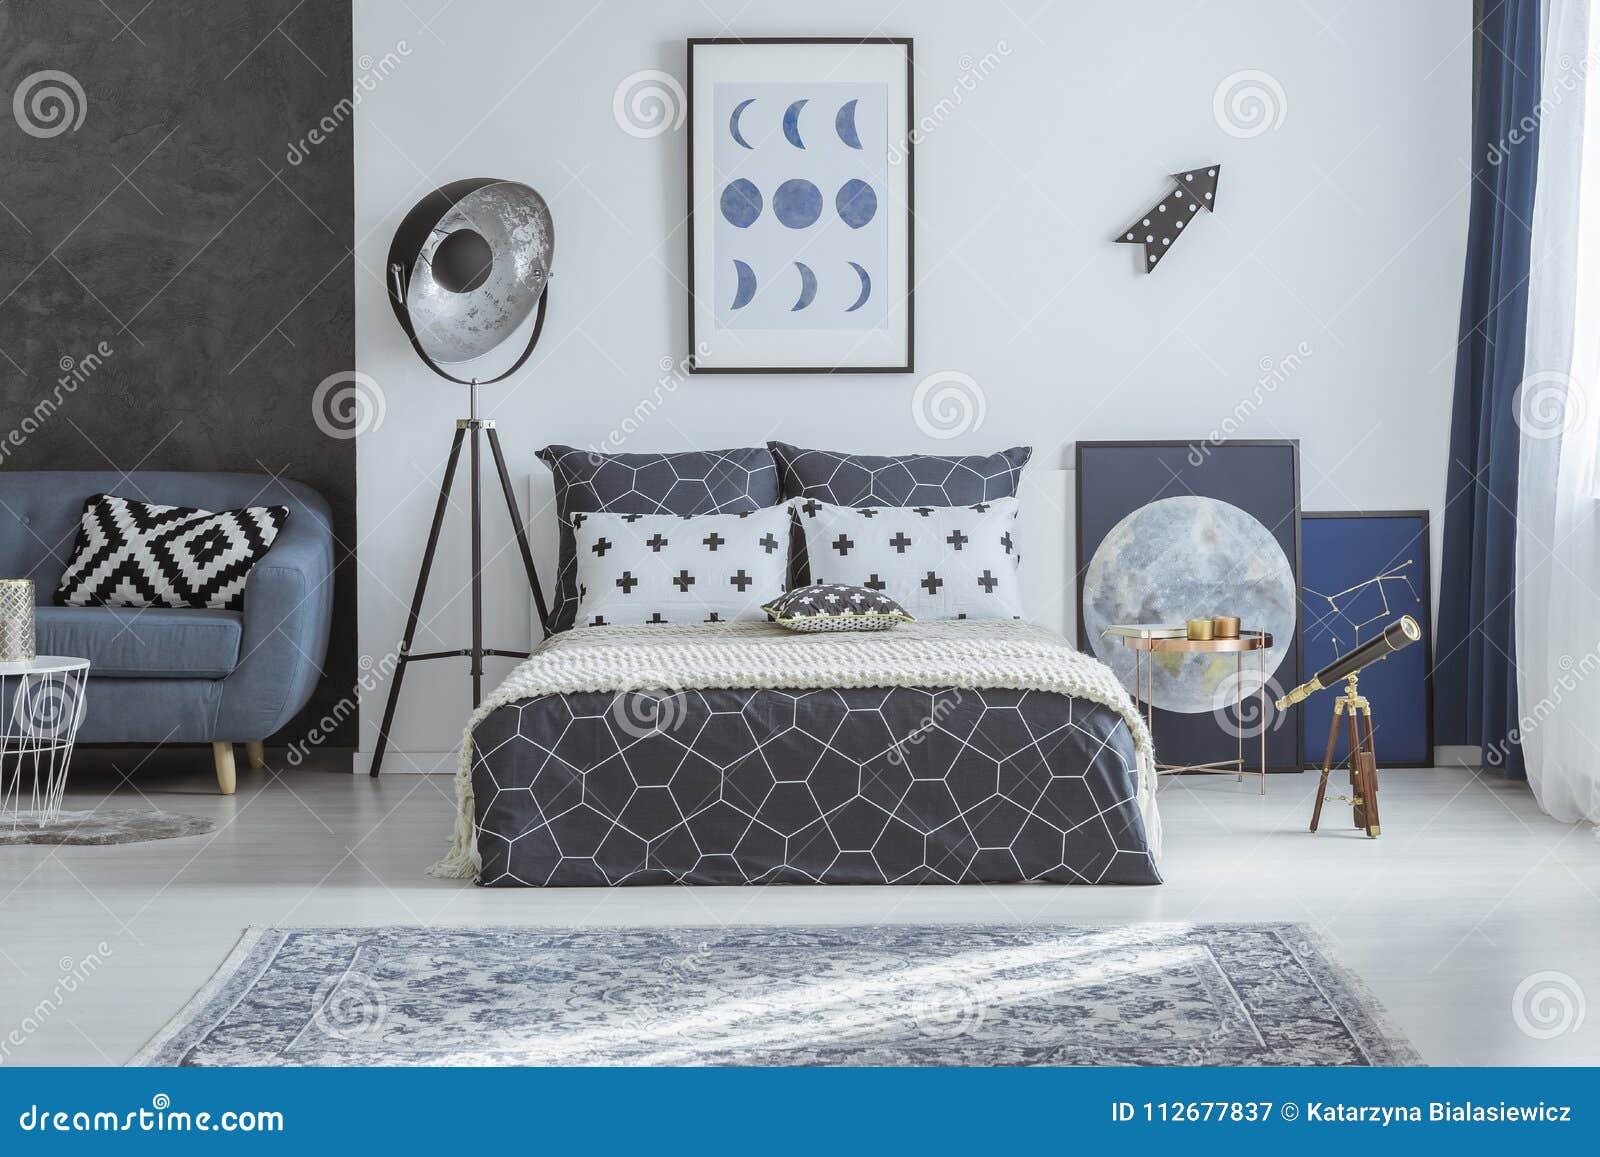 Blauwe Slaapkamer Lamp : Ruime blauwe slaapkamer met telescoop stock afbeelding